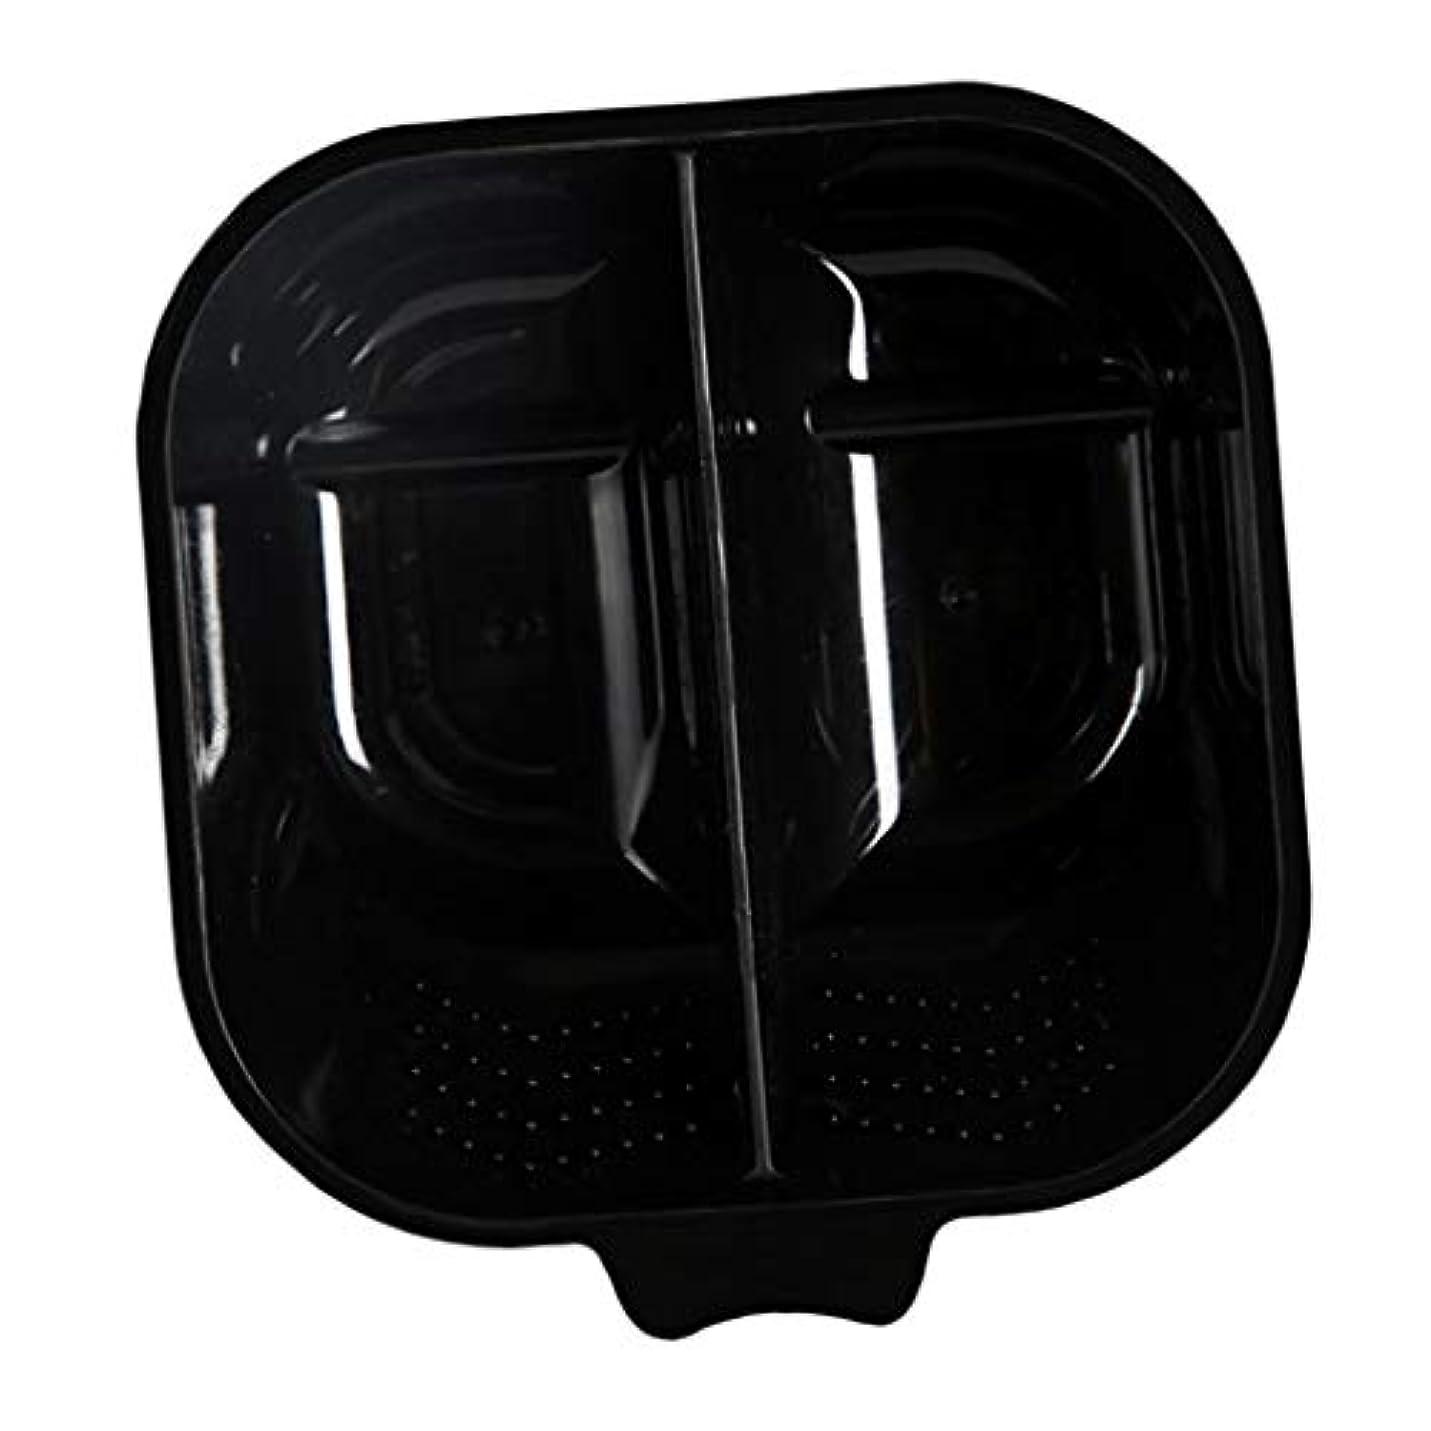 フットボールサポートかなりヘアカラーリング用品 ヘアカラーボウル ヘアカラープレート 毛染め 染料 混ぜる サロン プロ用品 - ブラック